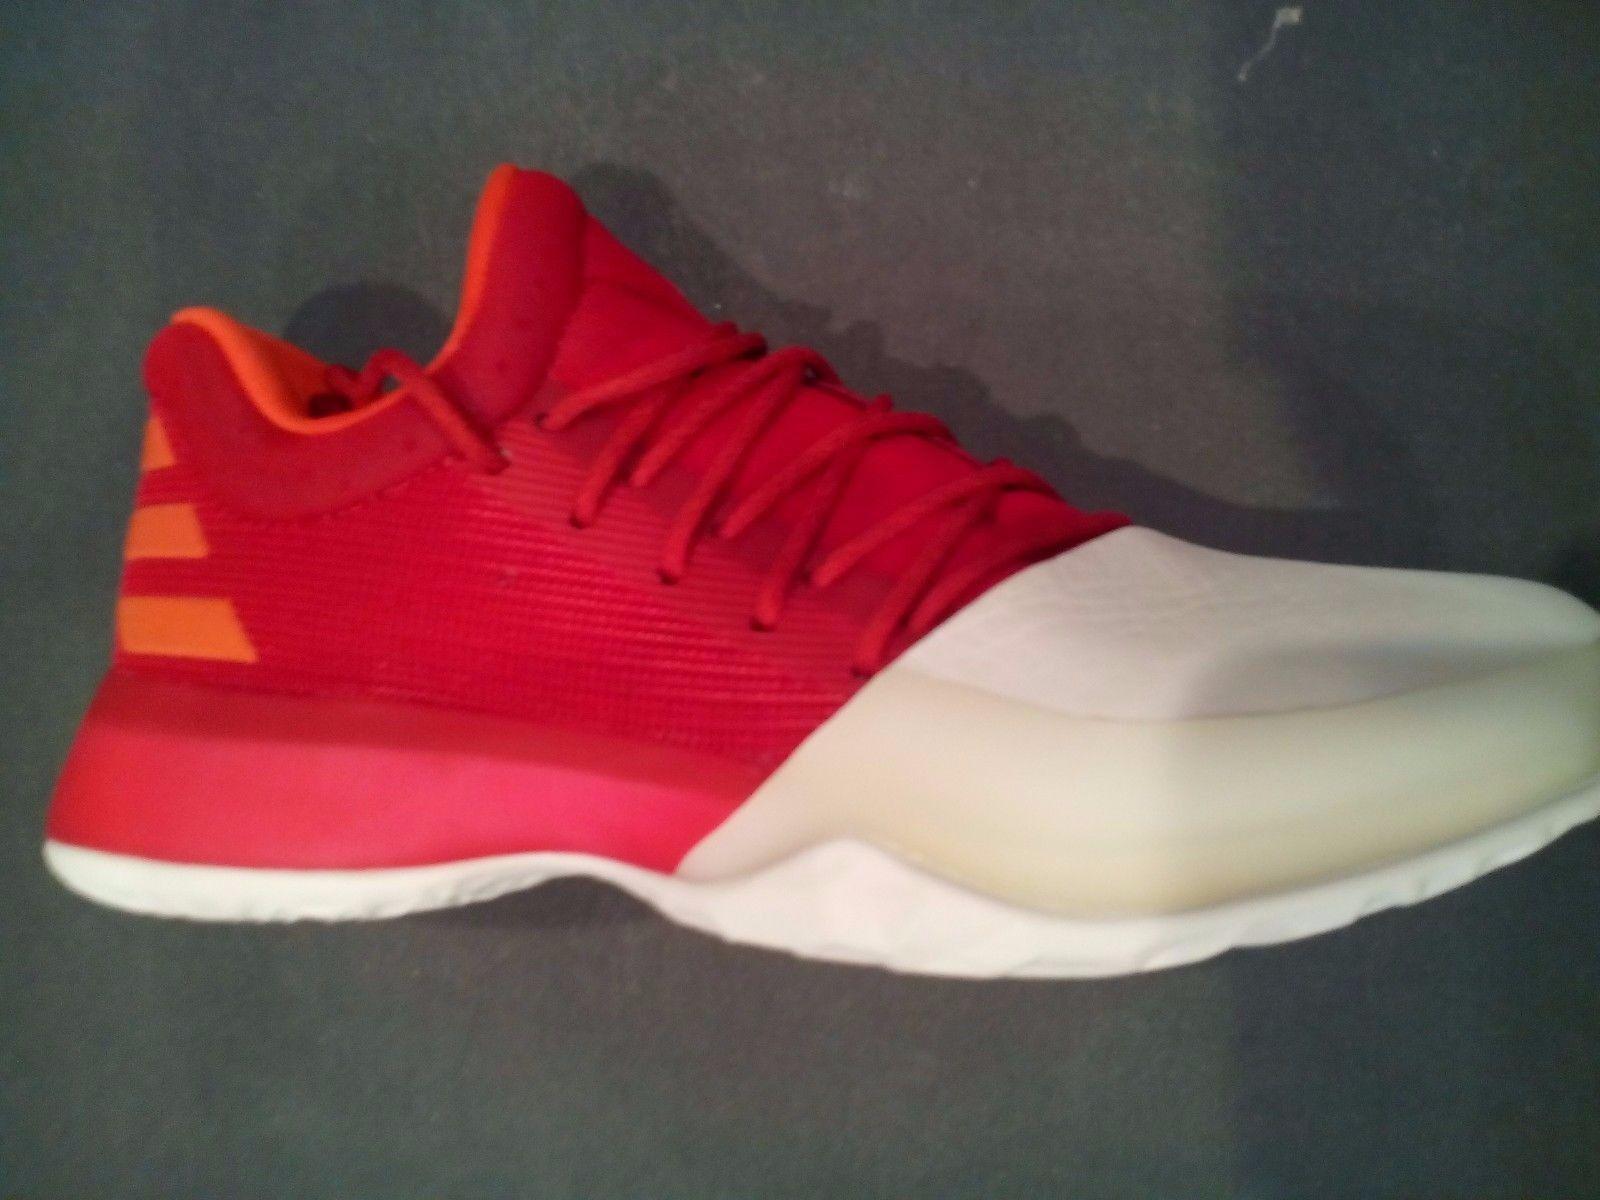 Adidas Adidas Adidas impulso james harden vol. 1 scarpe da basket bianco, rosso (by3483) | Il colore è molto evidente  | Gentiluomo/Signora Scarpa  54a07e